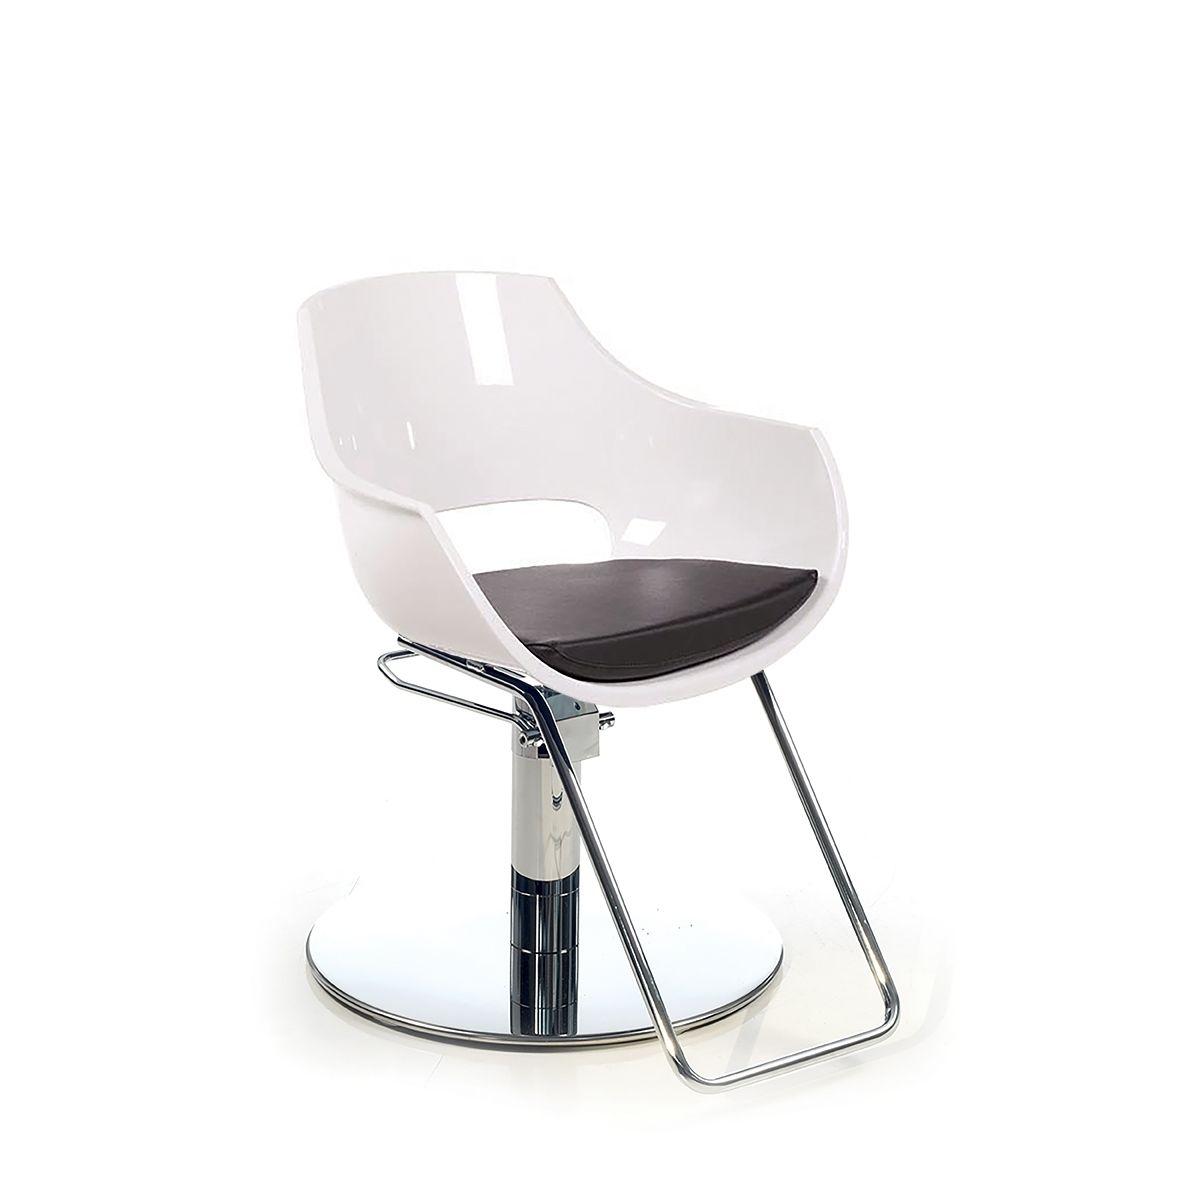 Peachy Clara Roto Promo Interior Design Ideas Tzicisoteloinfo